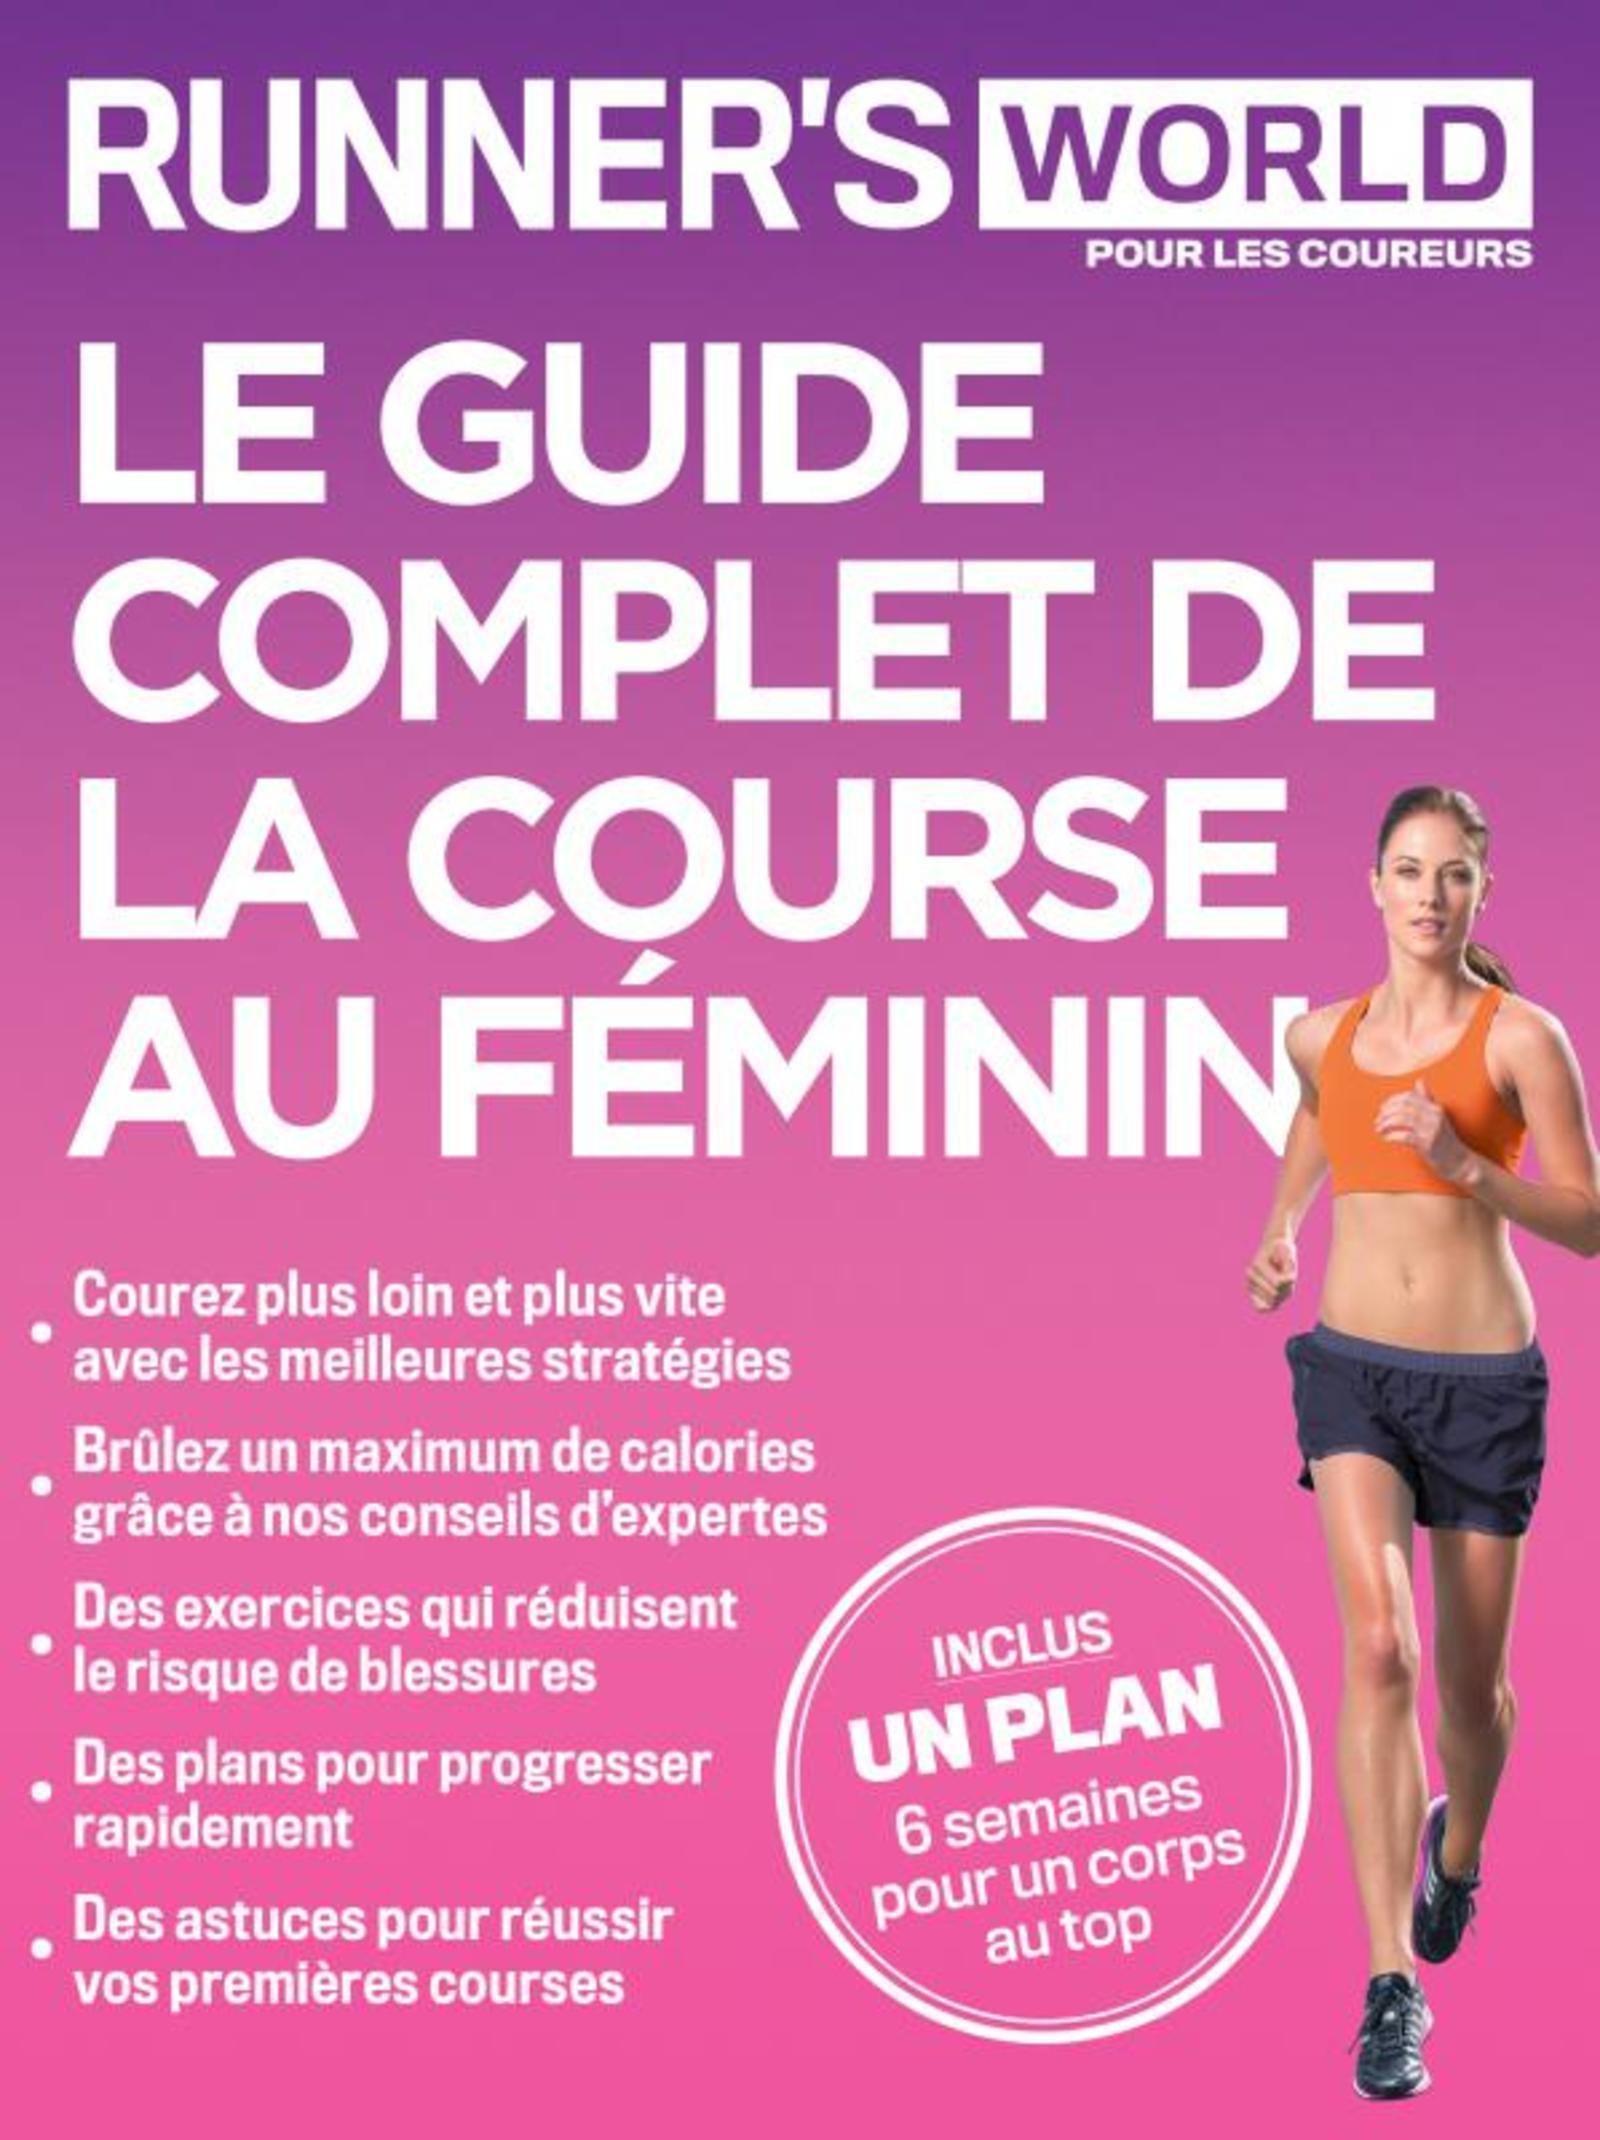 LE GUIDE COMPLET DE LA COURSE AU FEMININ - RUNNER S WORLD POUR LES COUREURS